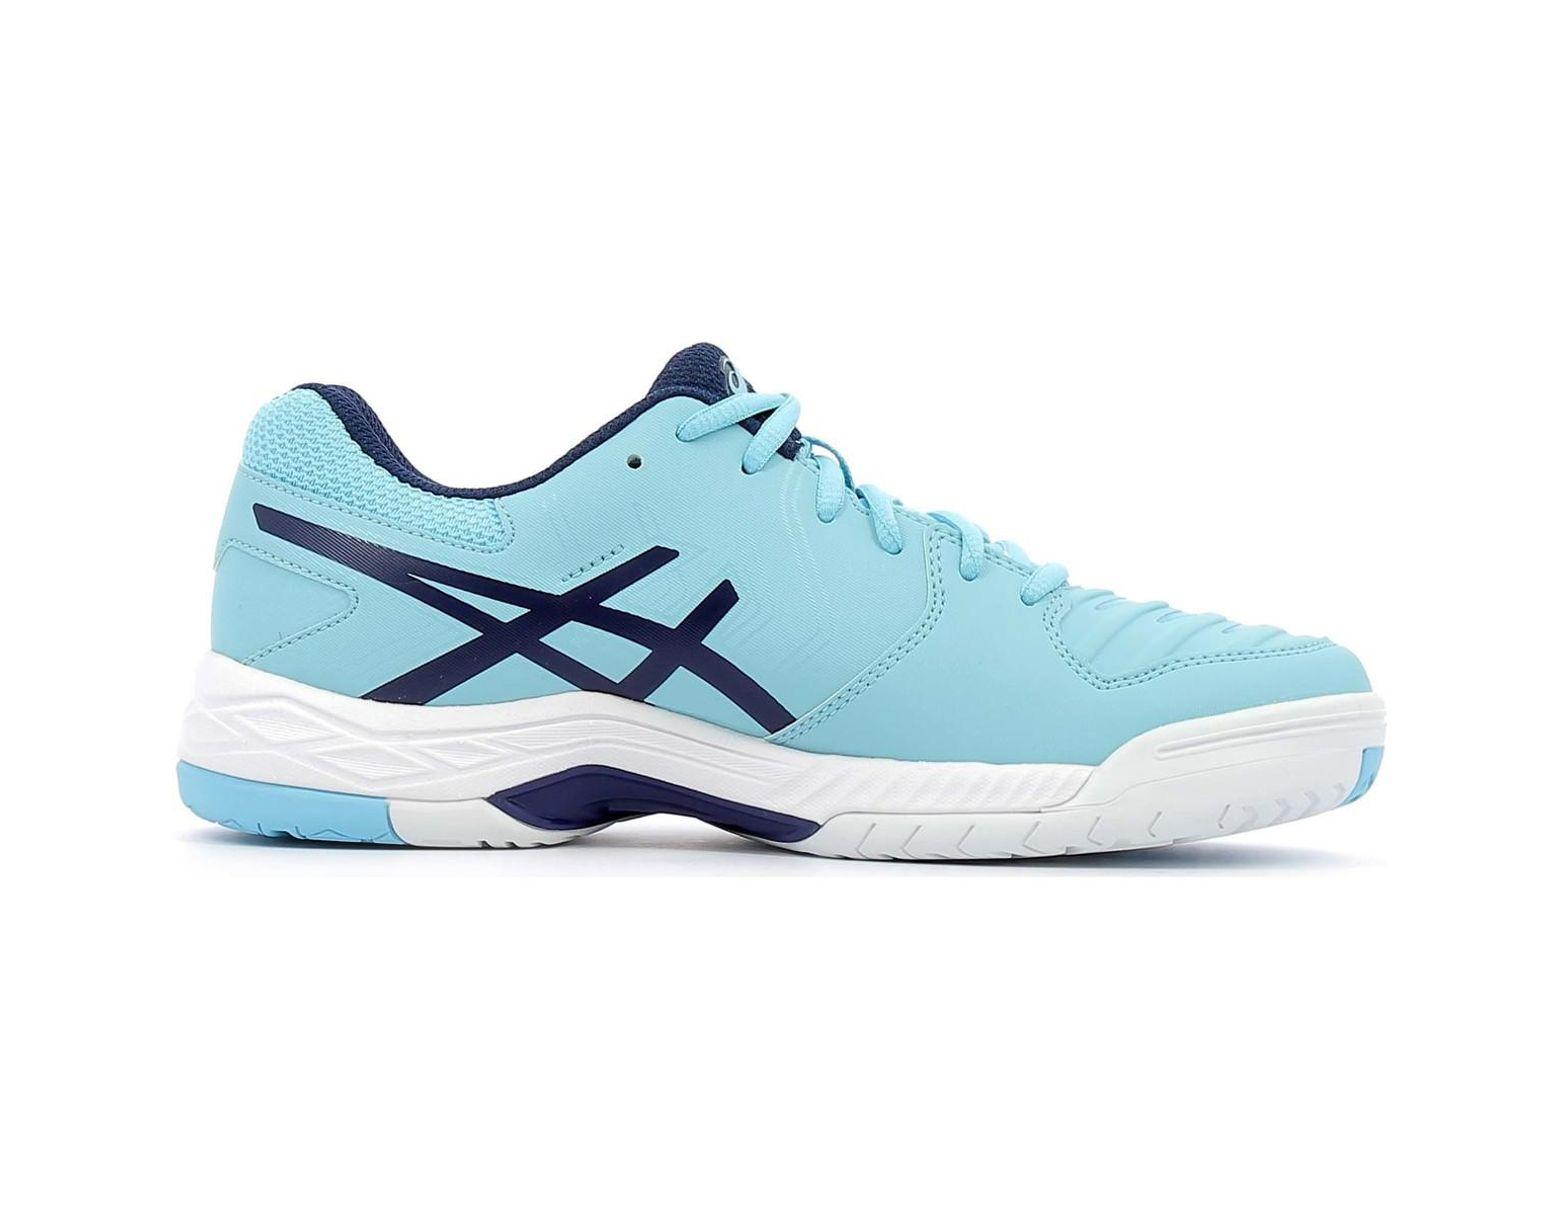 Gel Game 6 En Lyst Chaussures Asics Bleu Femmes Coloris Women bgf6vmY7yI